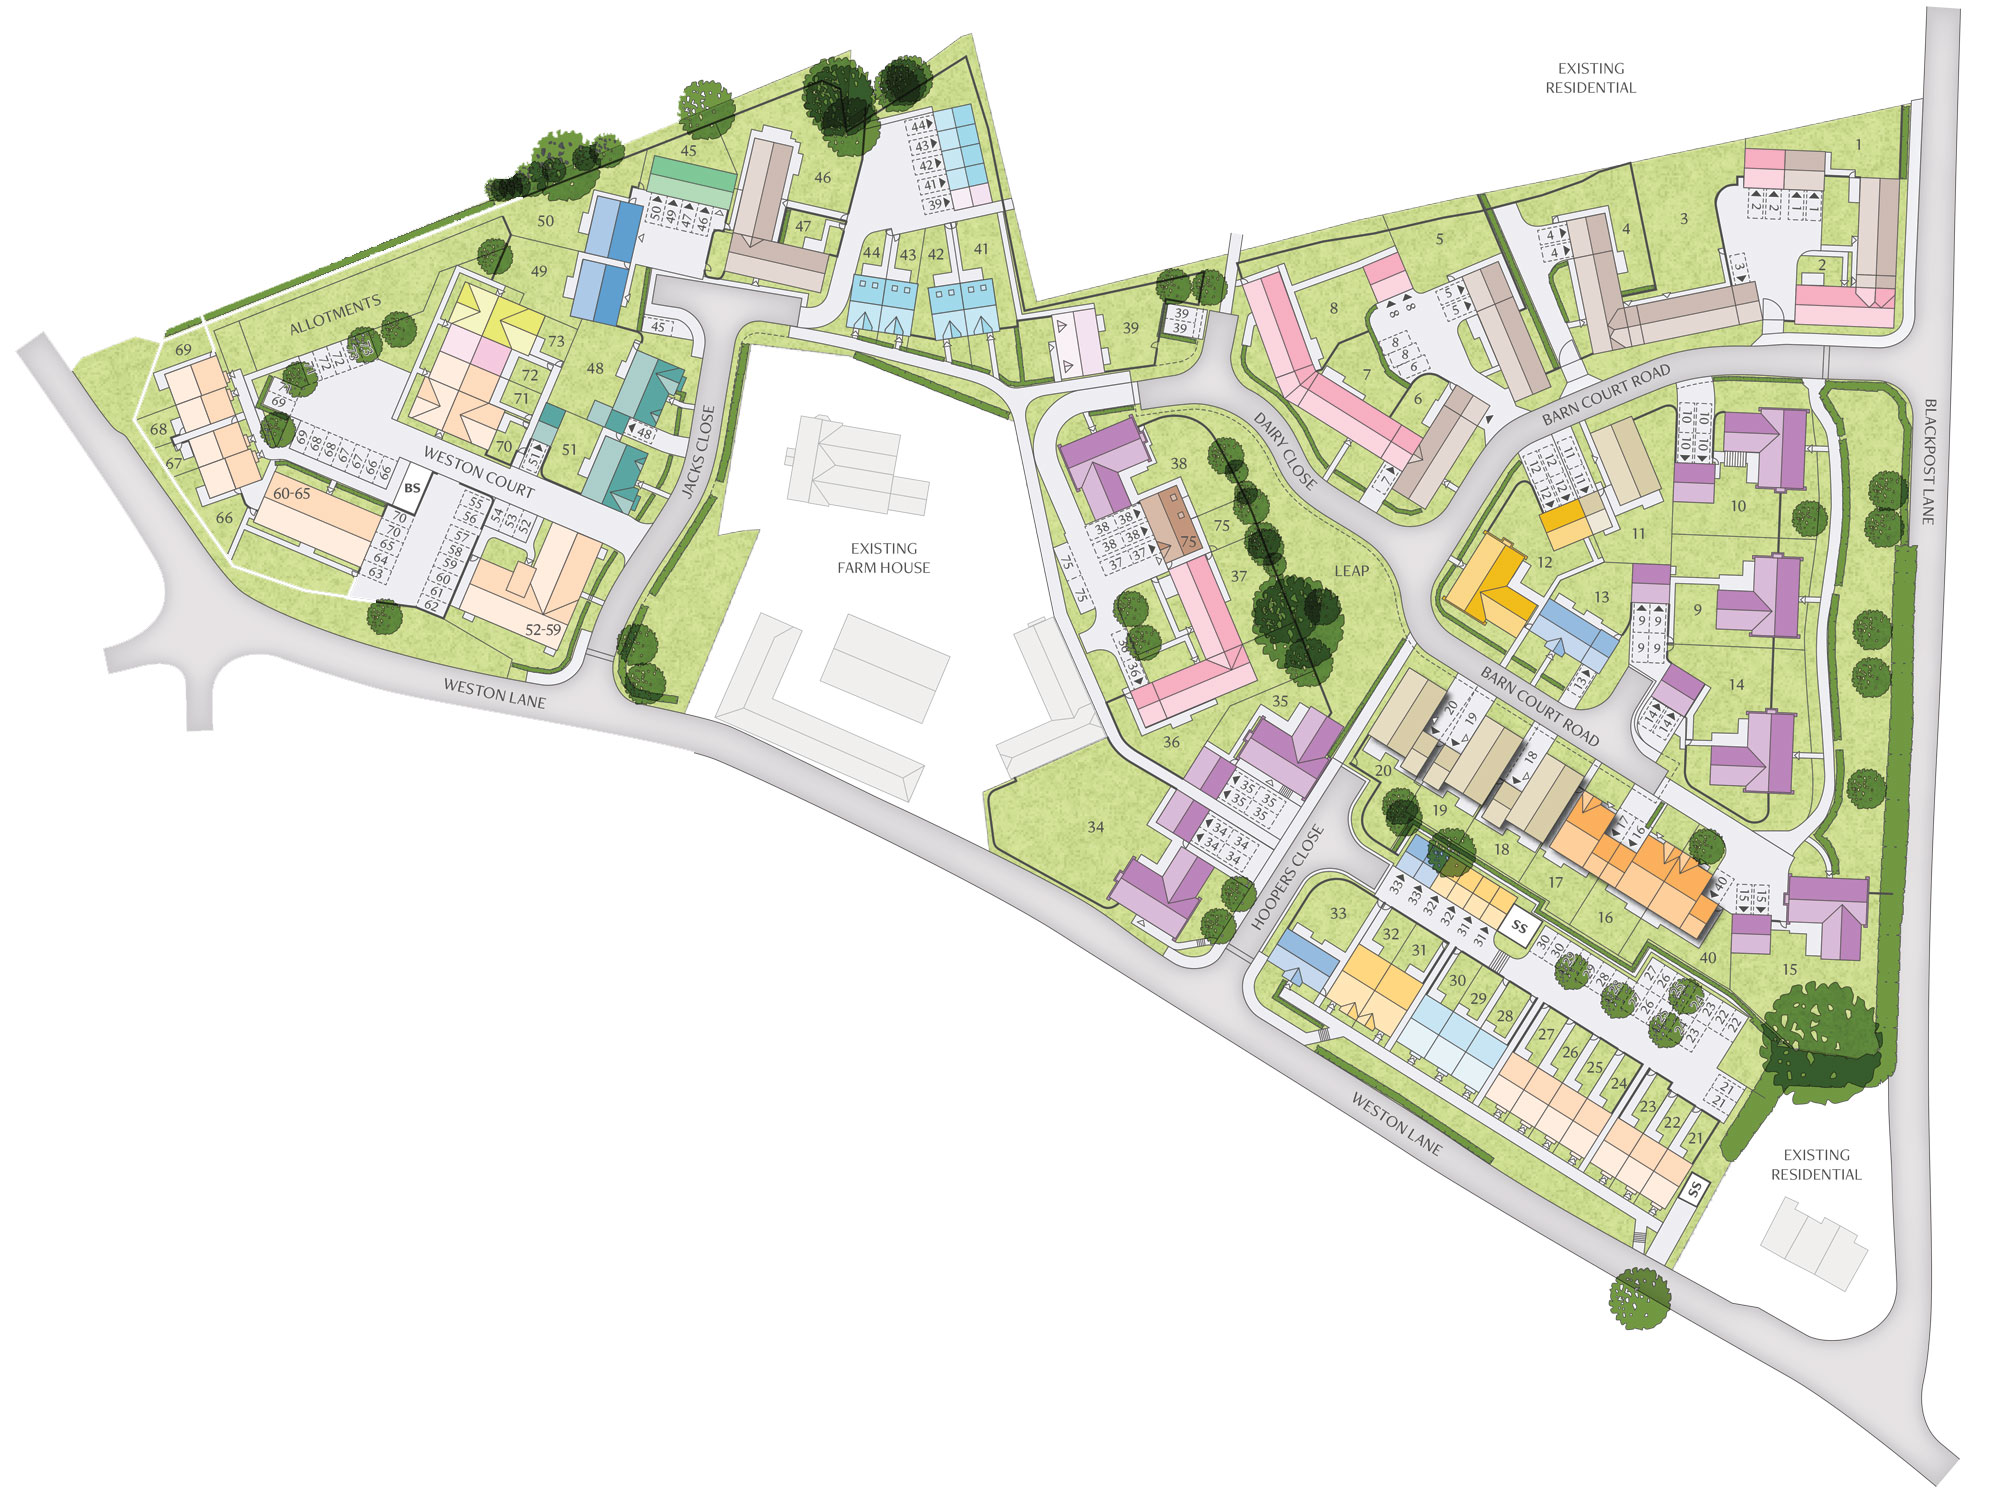 Development siteplan